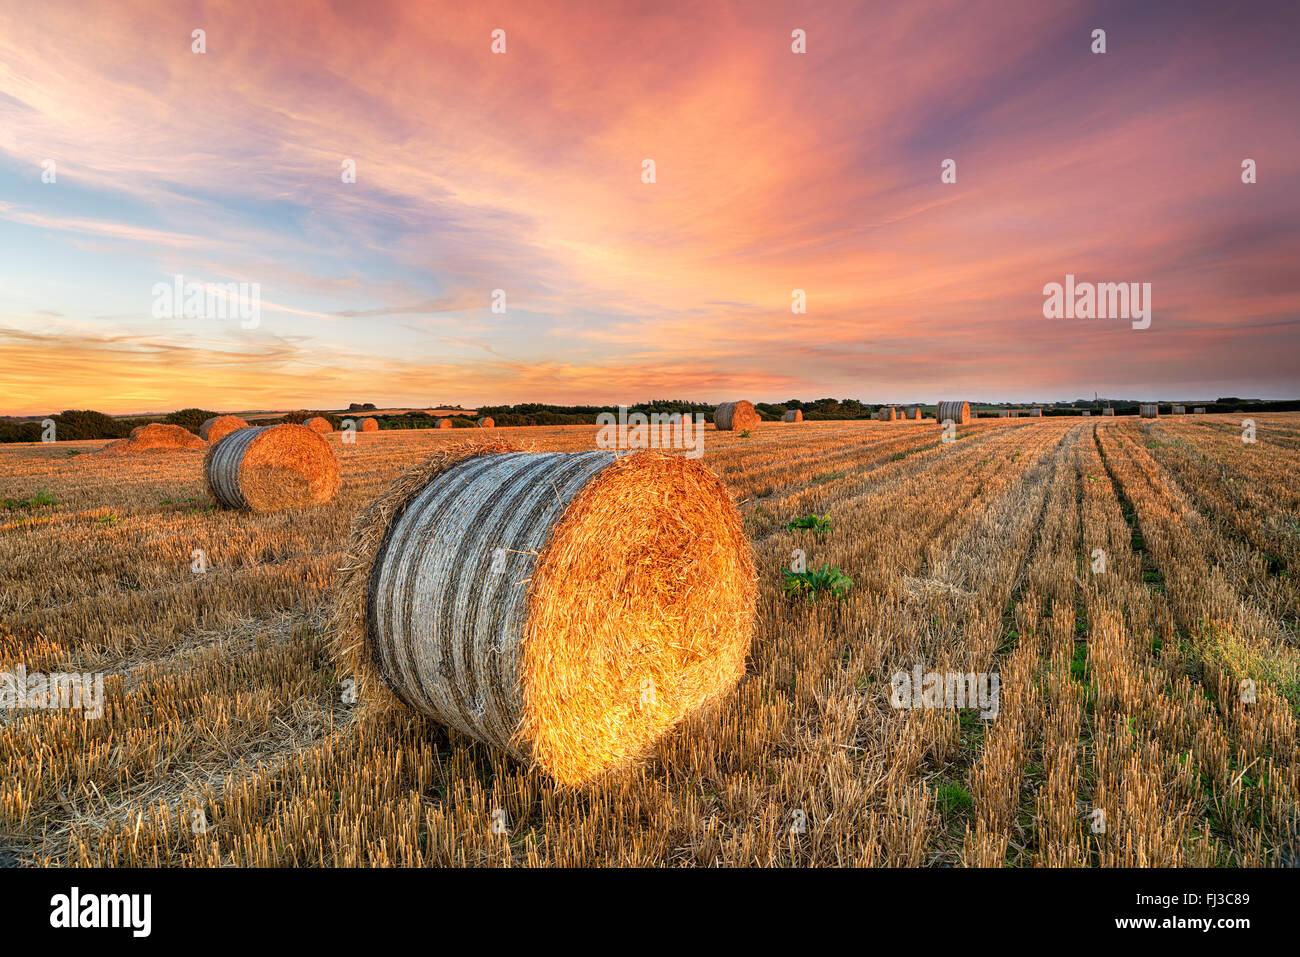 Magnifique coucher de soleil sur un champ de bottes de foin près de Newquay en Cornouailles Photo Stock